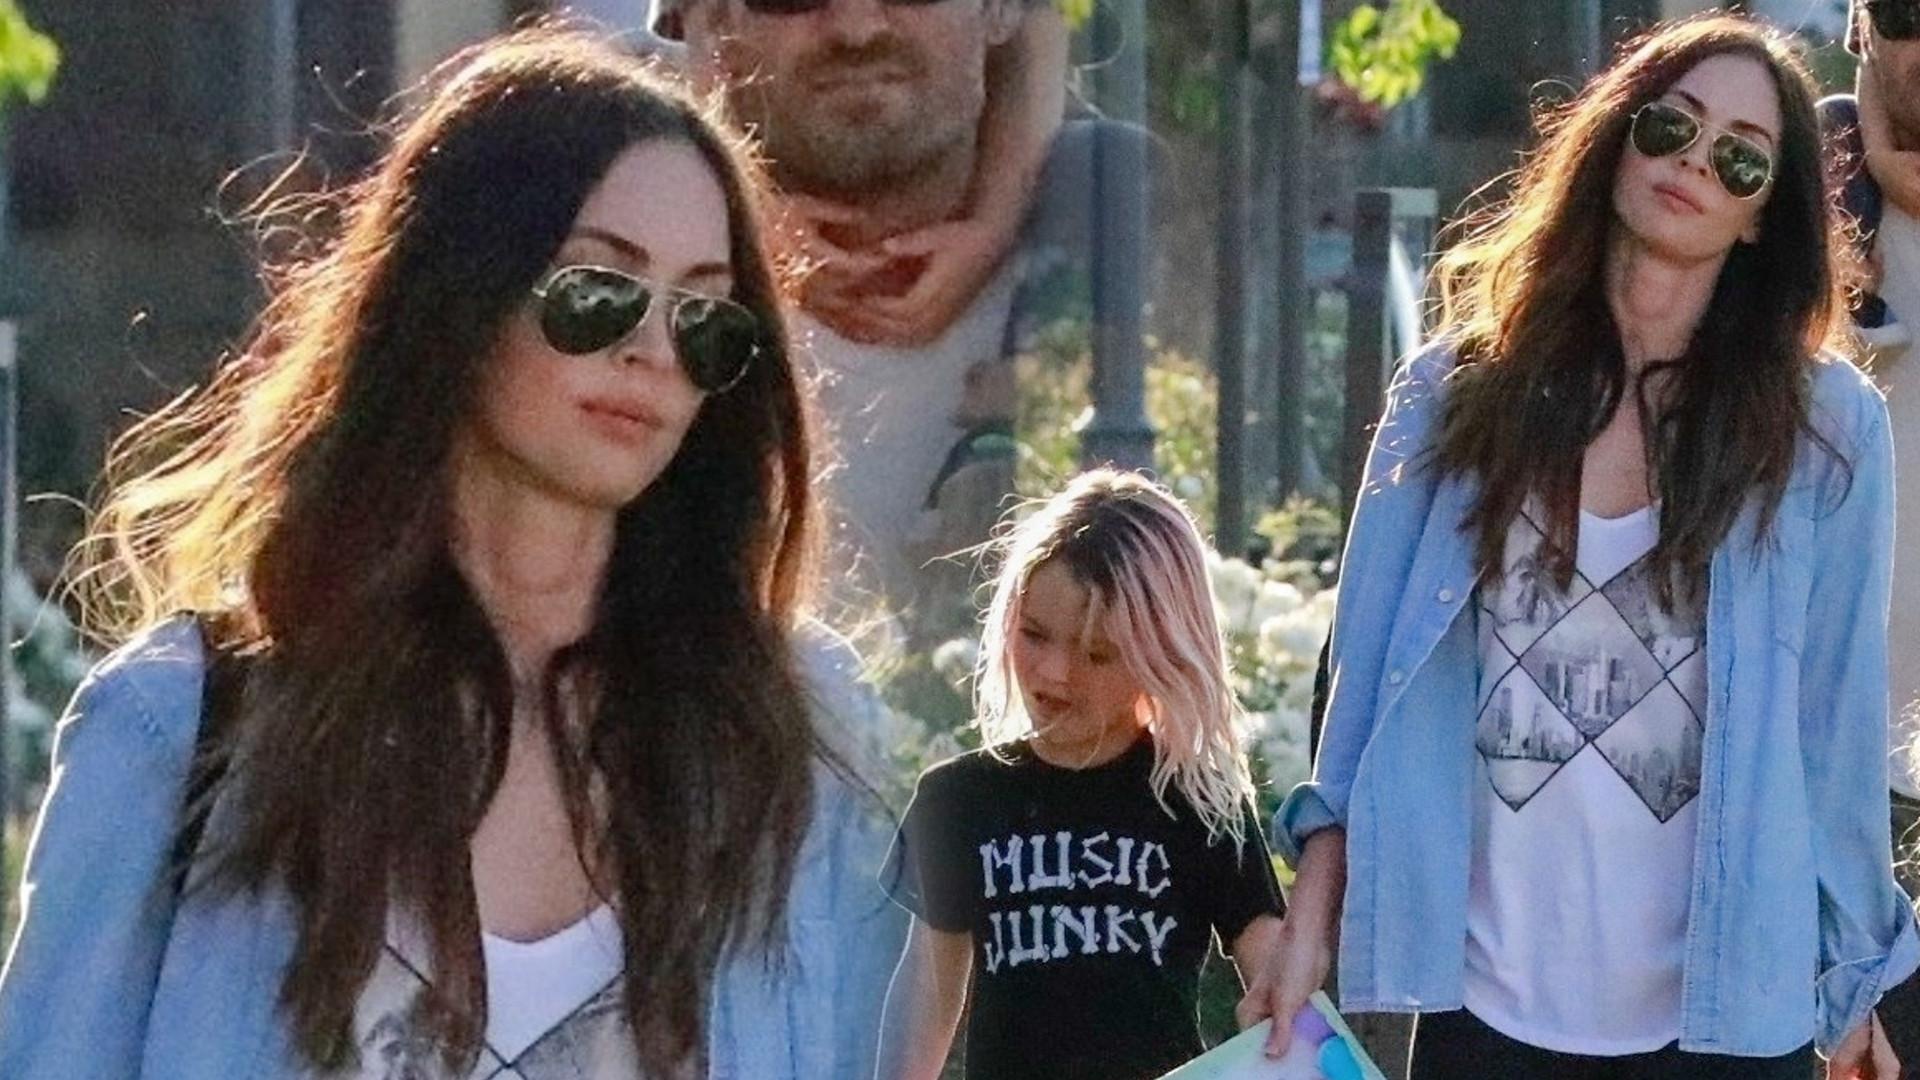 Po tych zdjęciach hejterzy nie dadzą spokoju Megan Fox – chodzi o wygląd jej syna